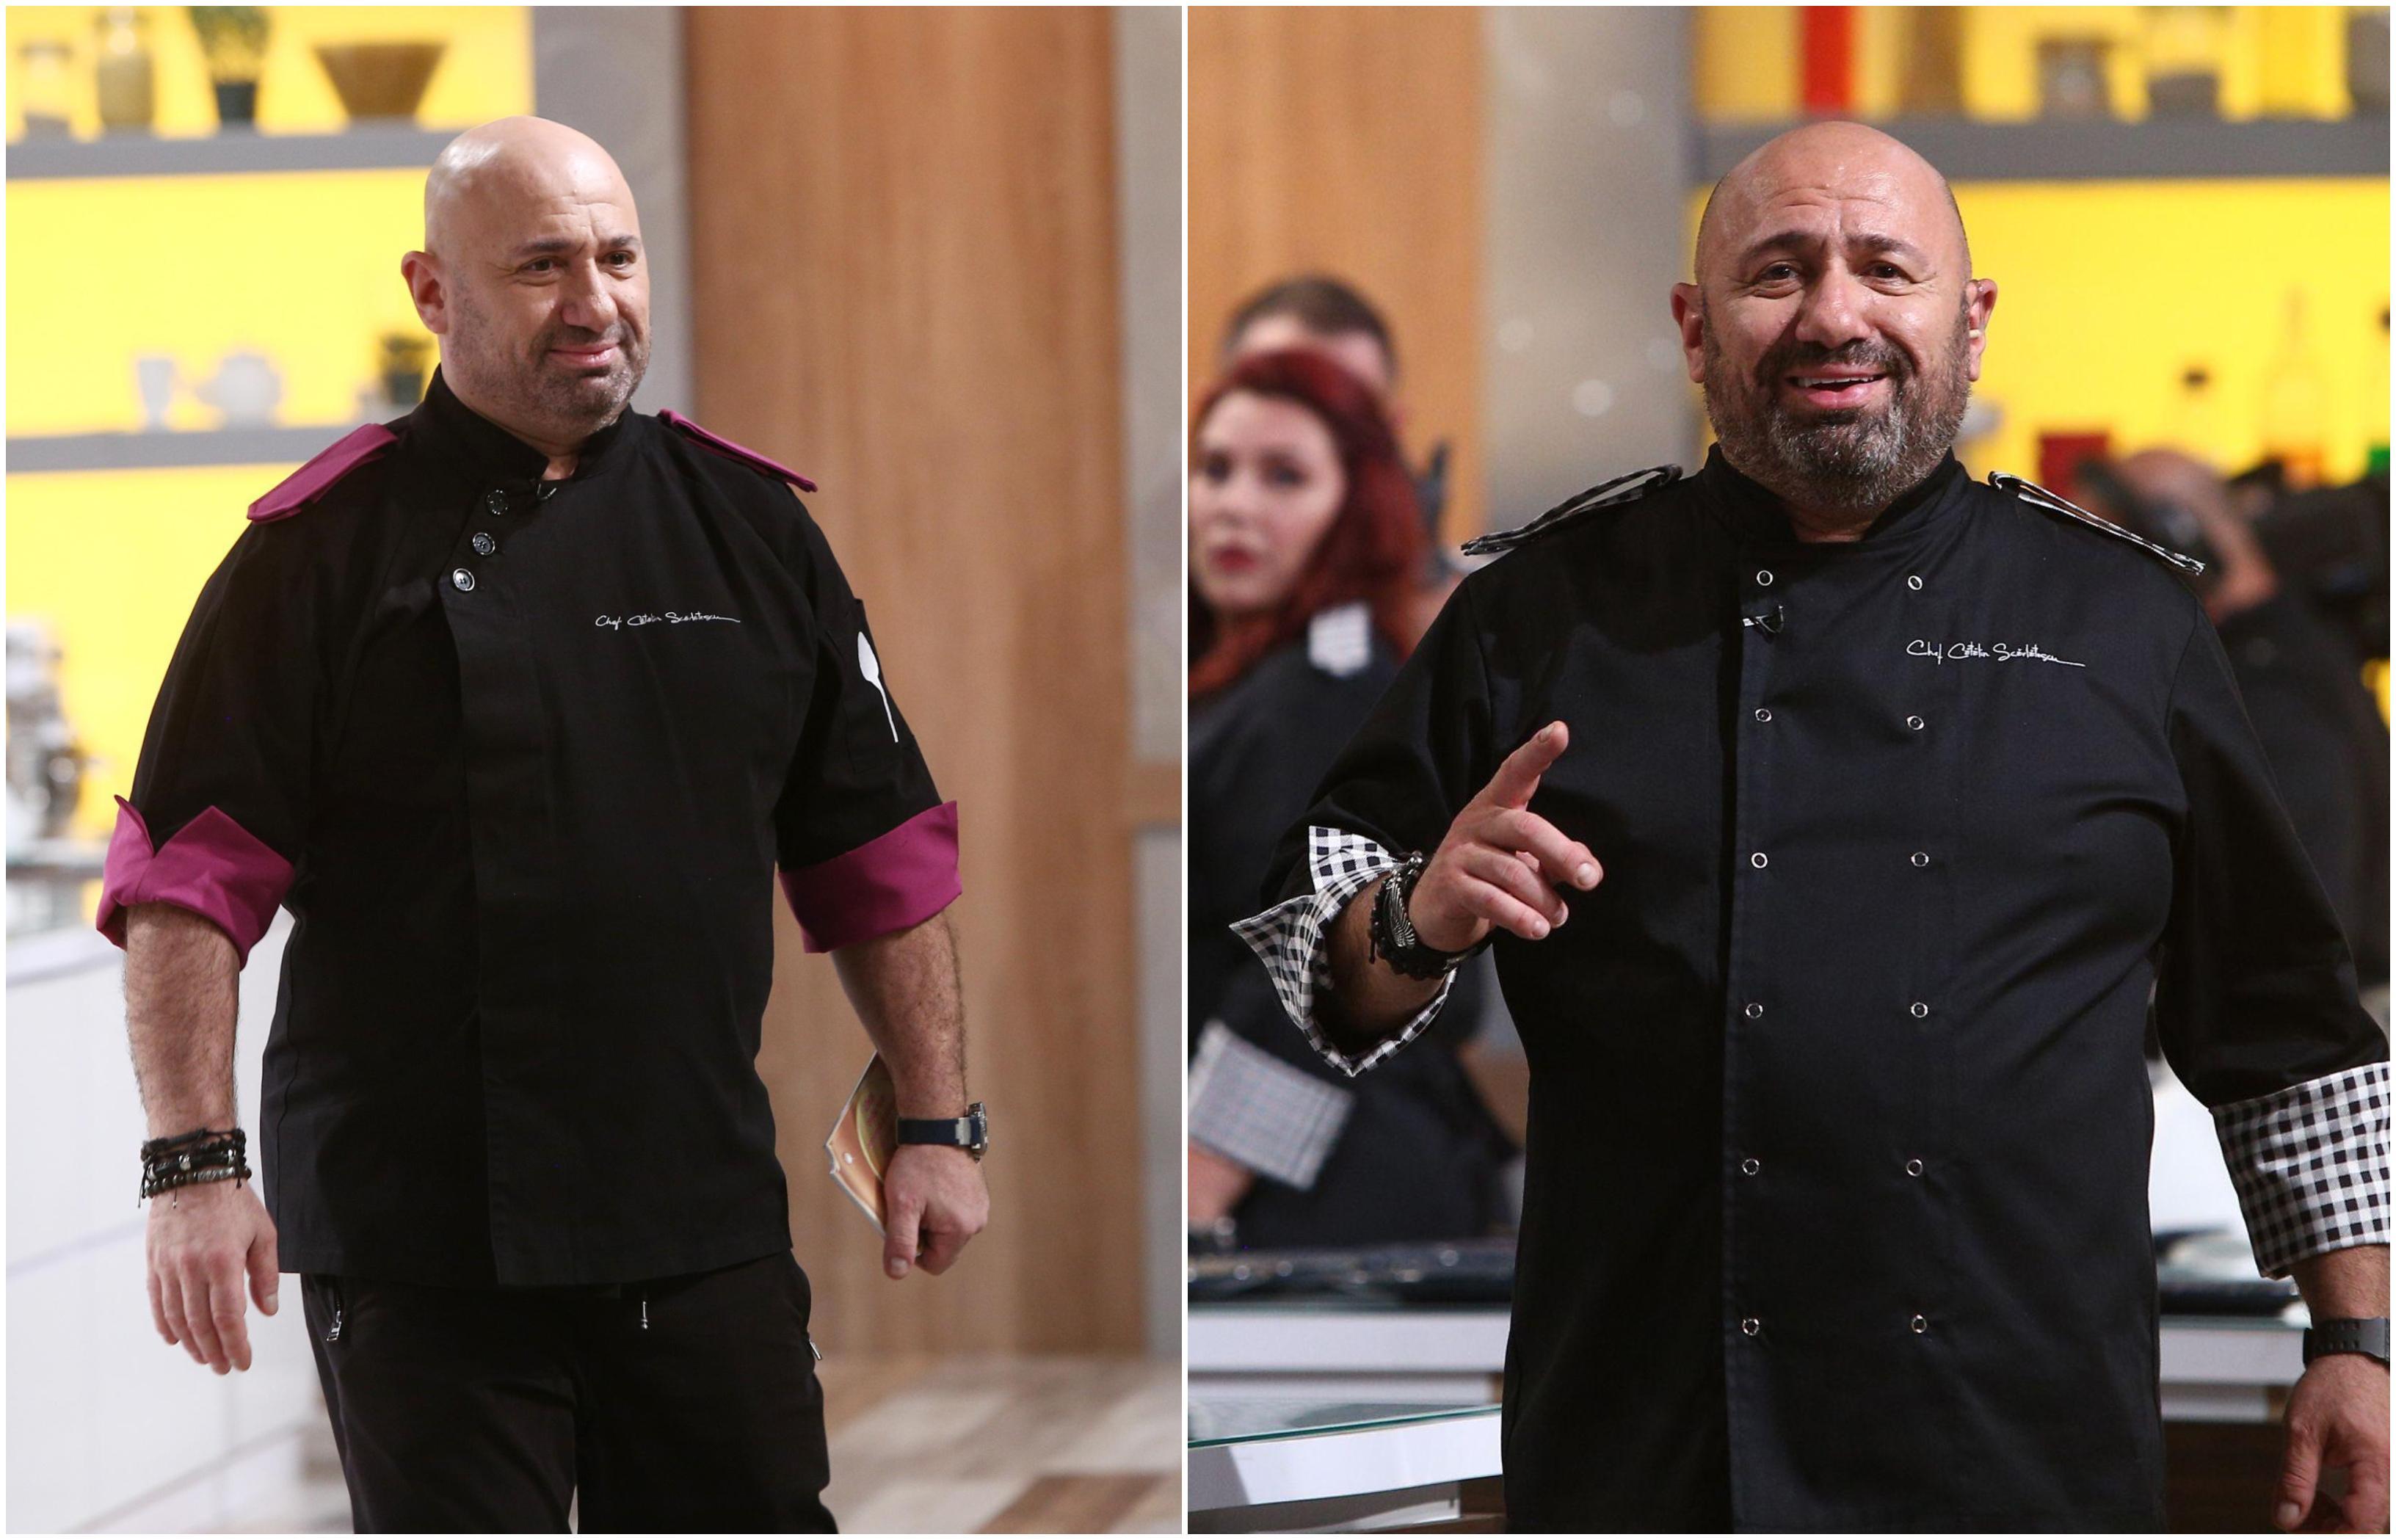 Dieta lui Cătălin Scărlătescu după ce a slăbit. Cum se menține îndrăgitul jurat de la Chefi la cuțite